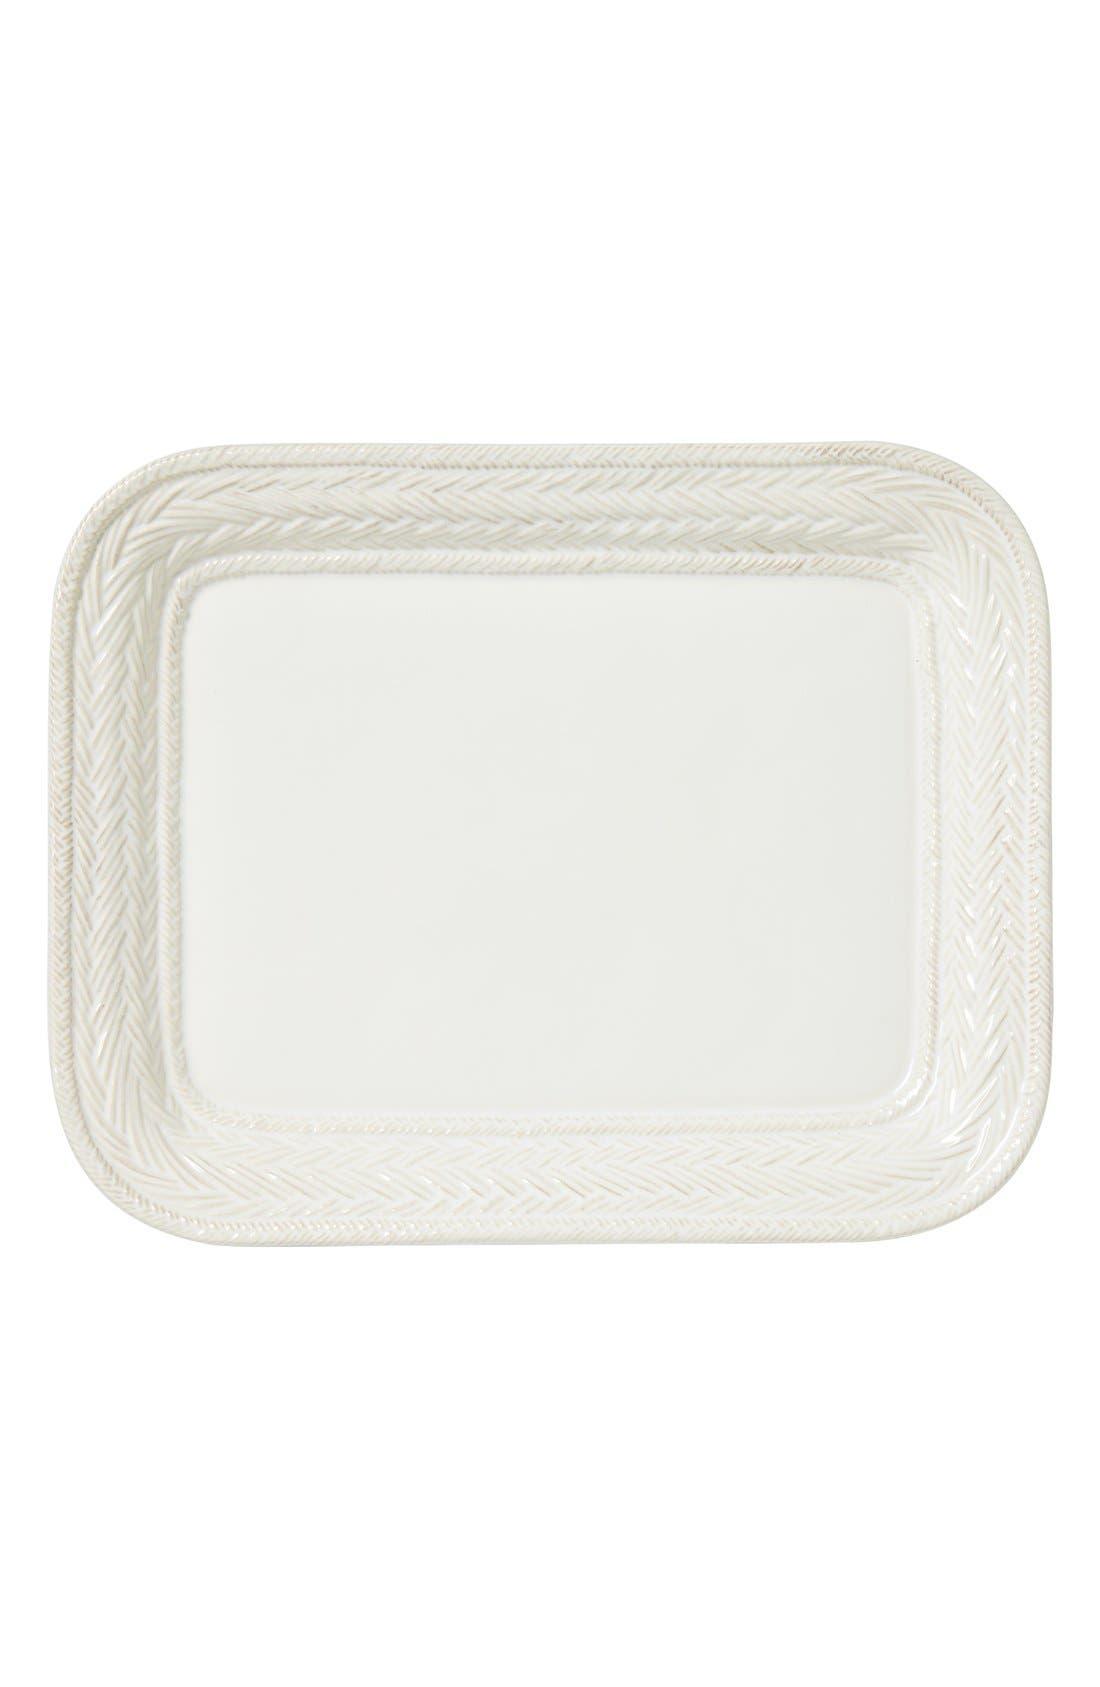 Le Panier Large Ceramic Platter,                         Main,                         color, White